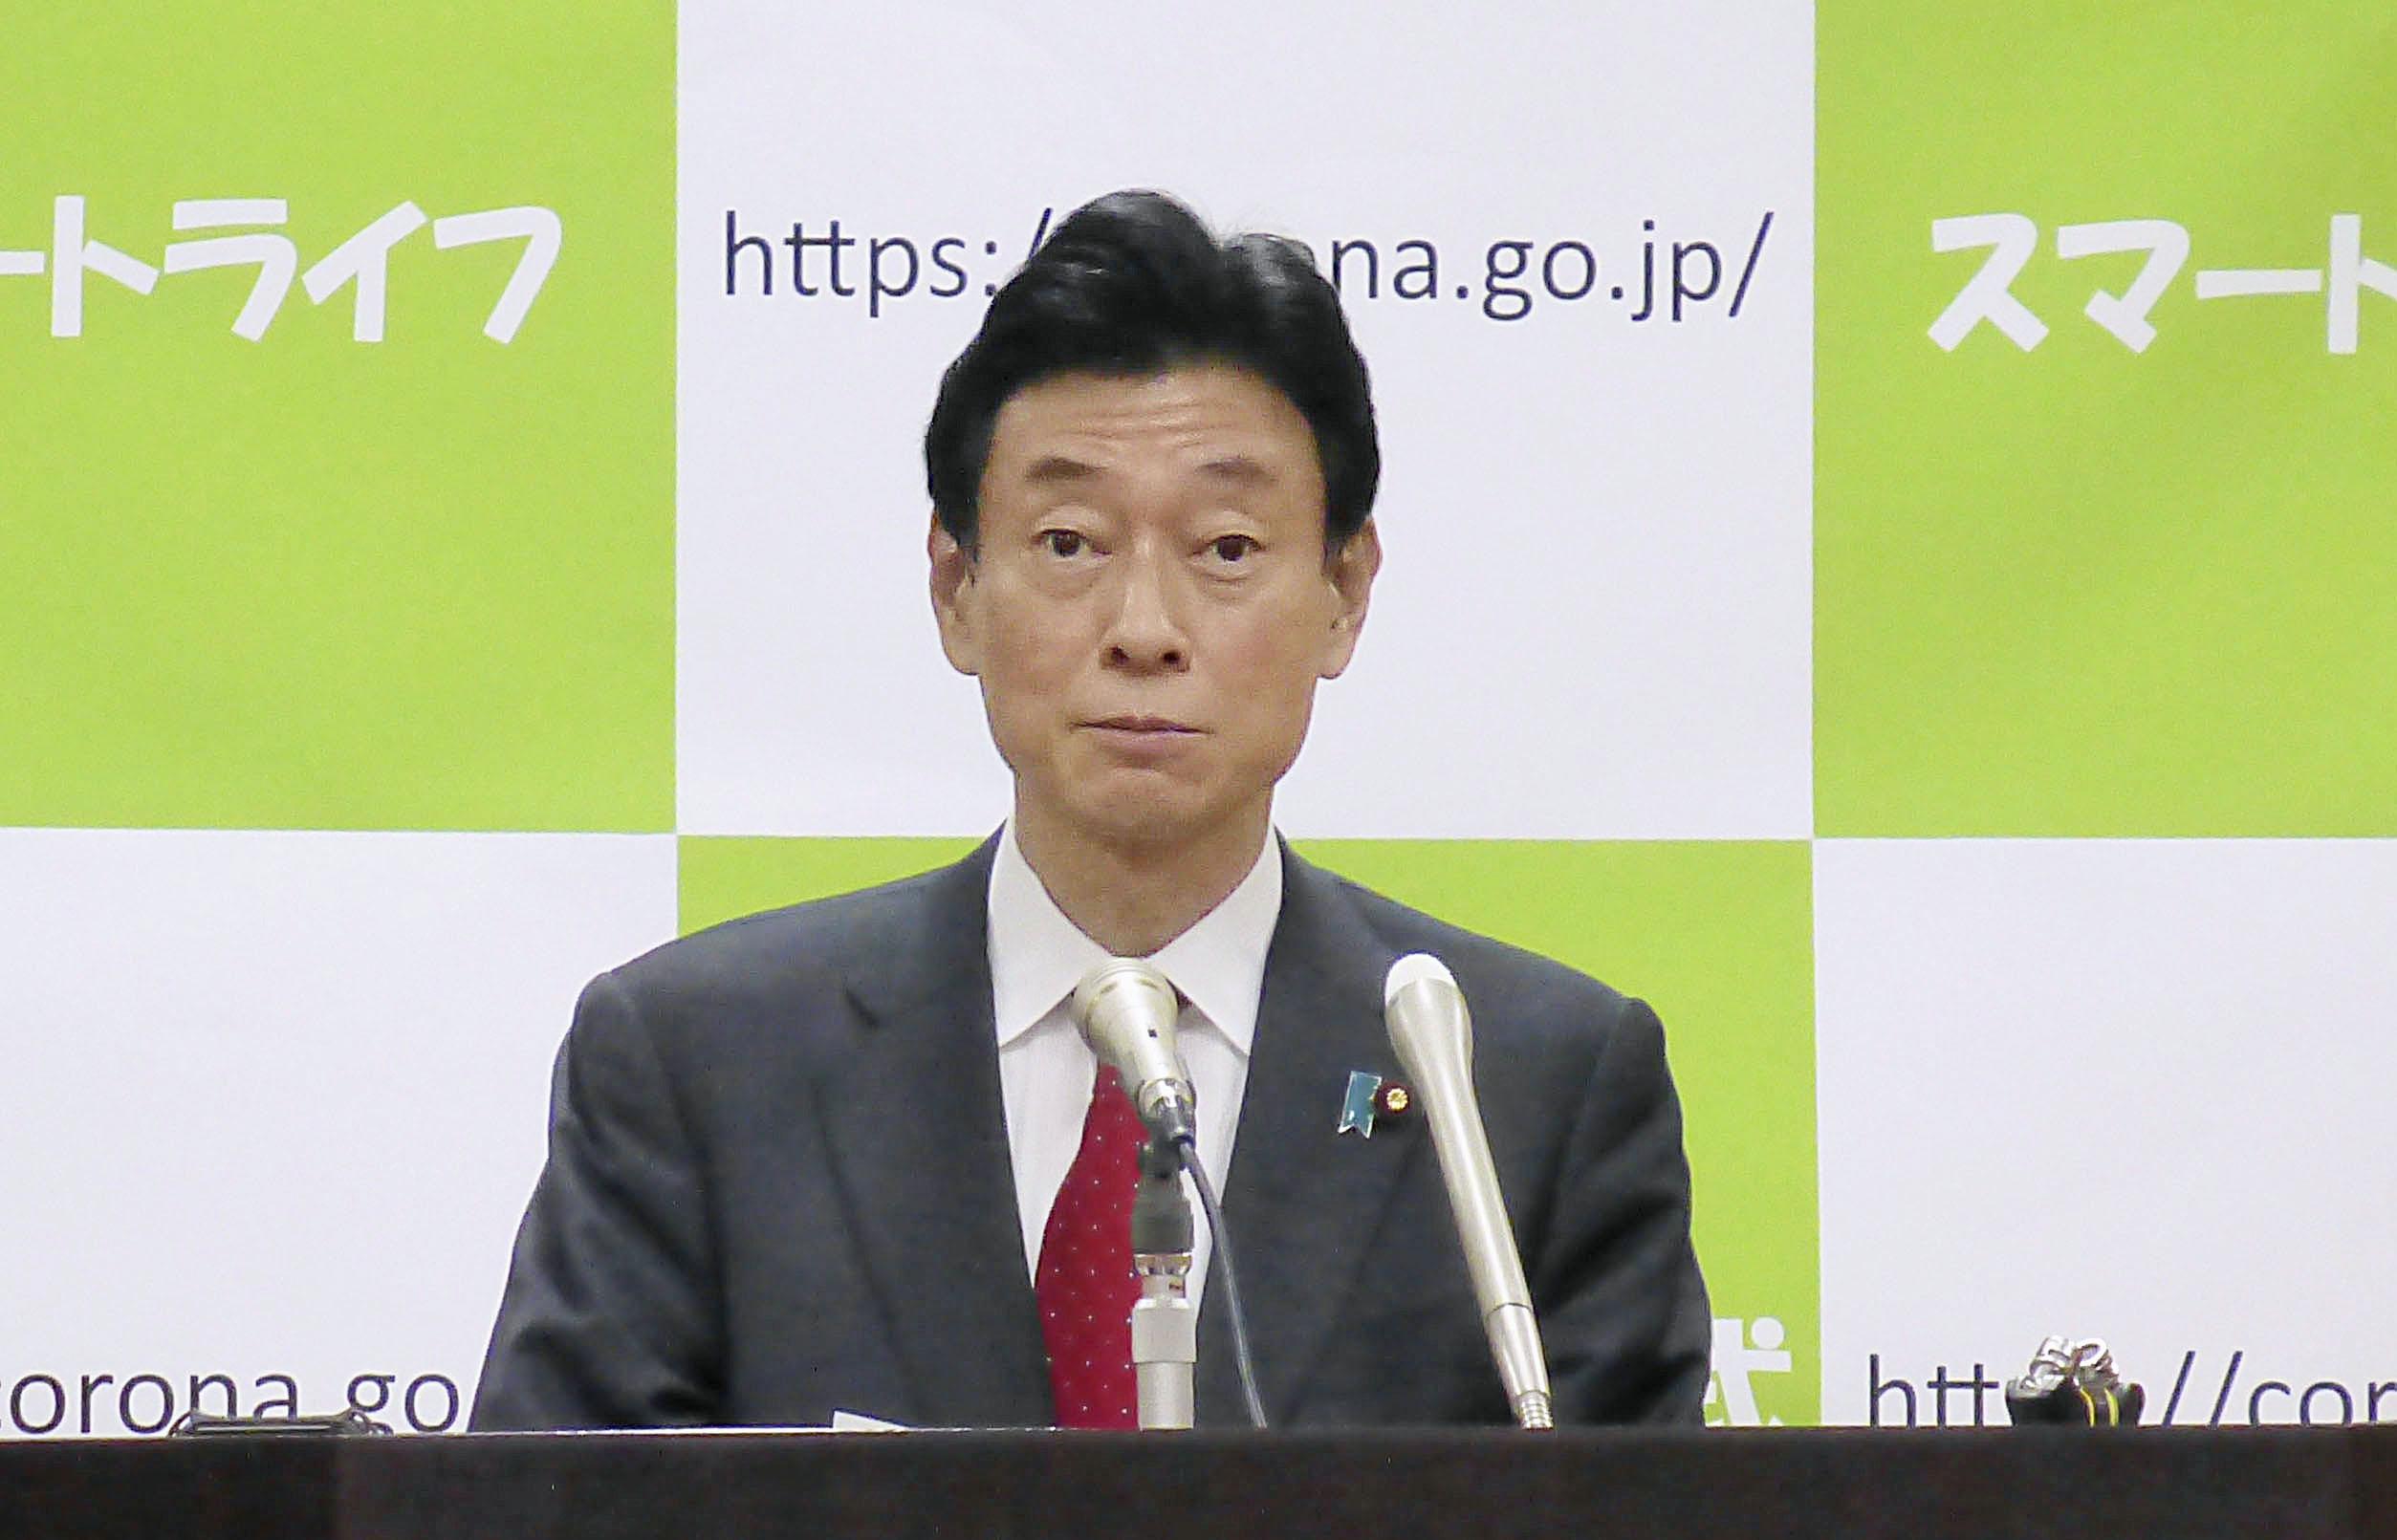 新型コロナウイルスへの対応について記者会見する西村経済再生相=10日午前、内閣府